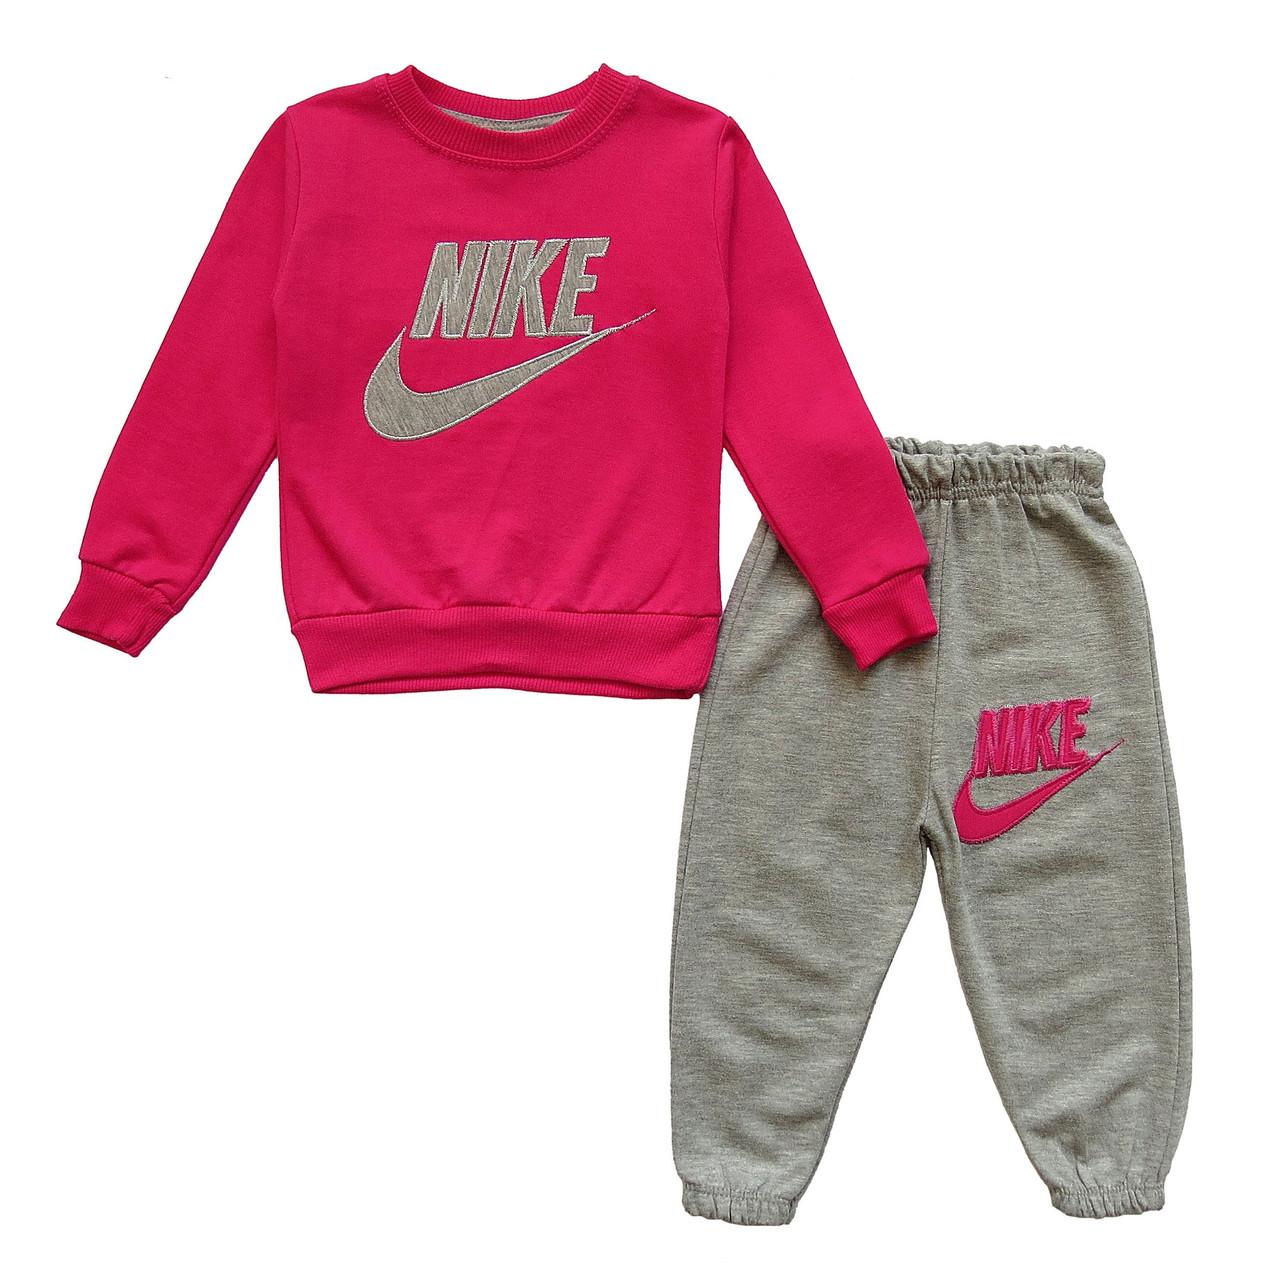 Спортивный костюм Nike для девочки. Маломерит. 1 год